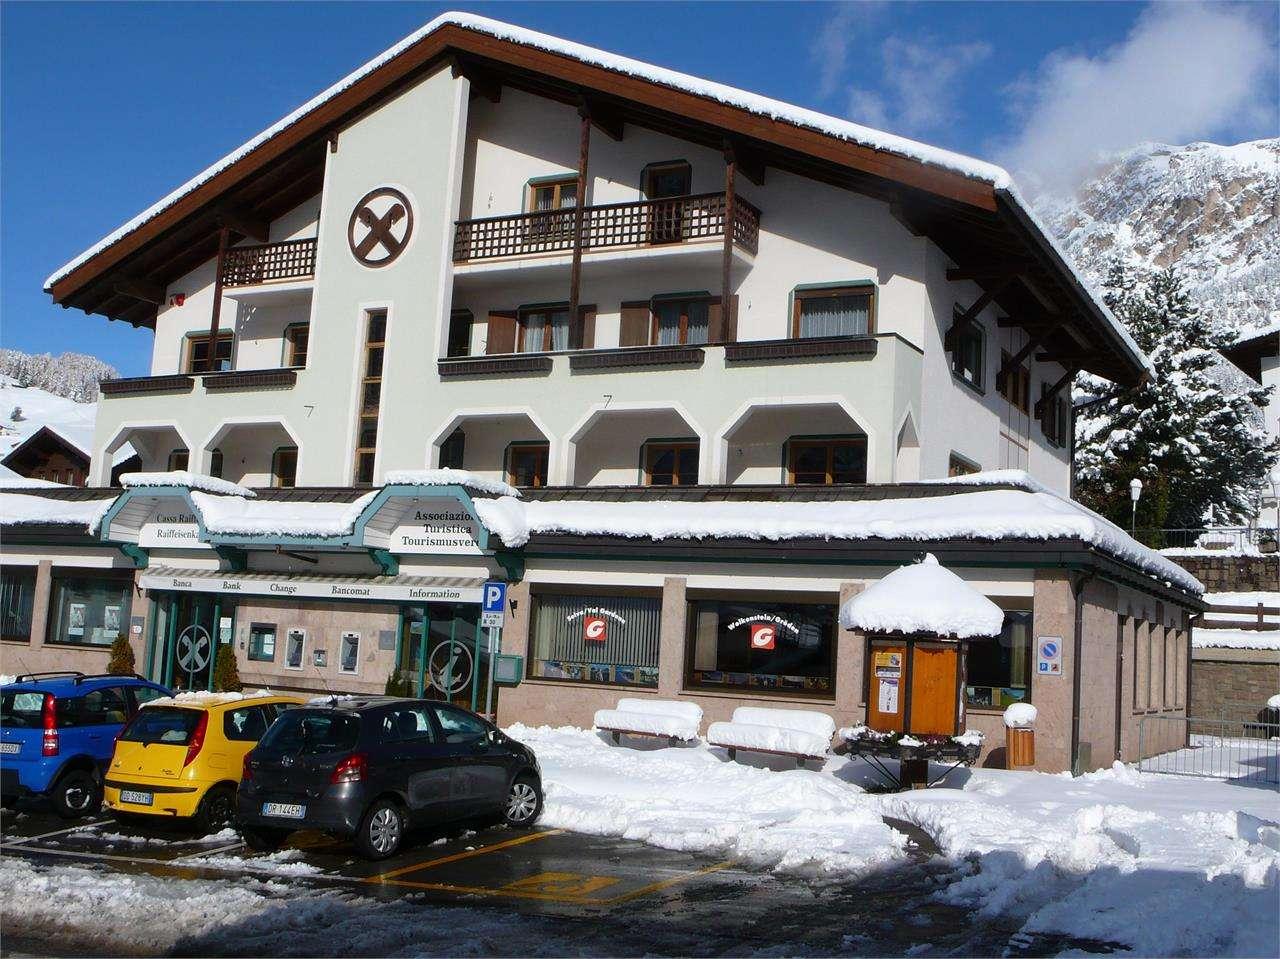 Associazione Turistica Selva Val Gardena - Selva in Gröden - Str ...